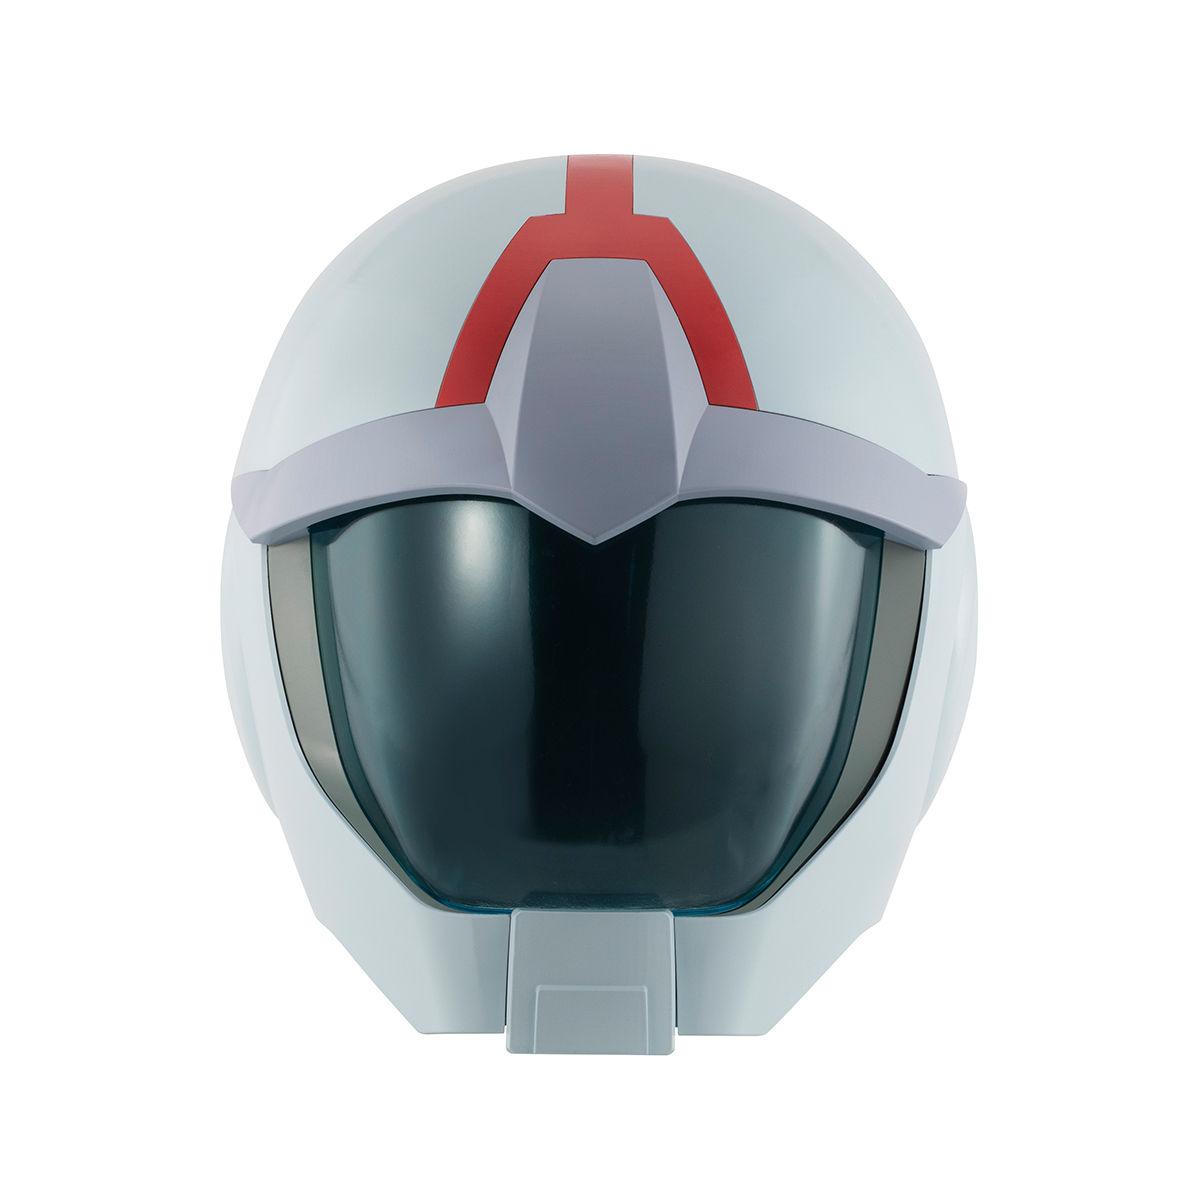 【限定販売】Full Scale Works『地球連邦軍ノーマルスーツ専用ヘルメット』機動戦士ガンダム ディスプレイモデル-005